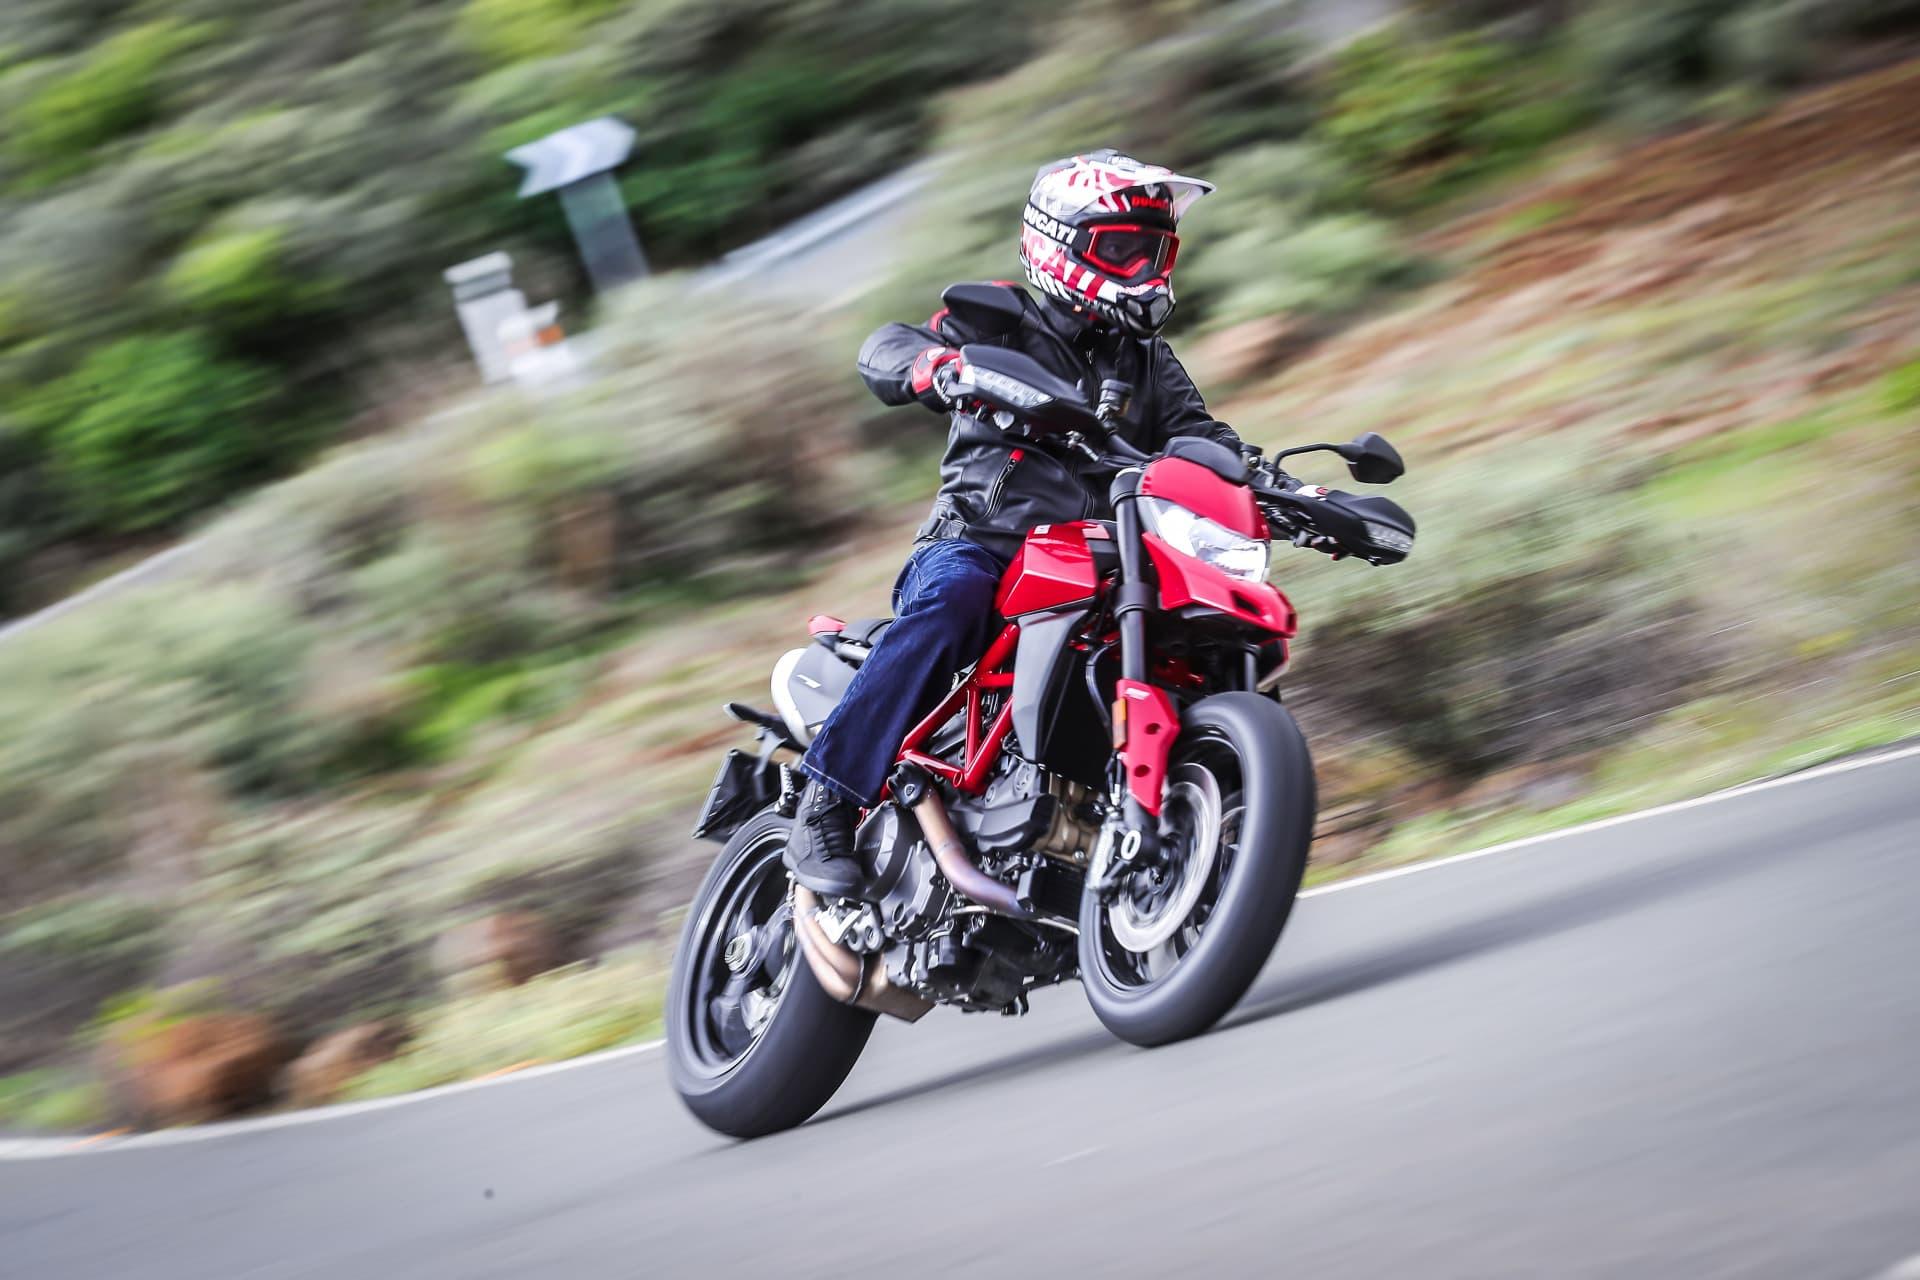 Ducati Hypermotard 950 Action 13 Uc70354 Mid